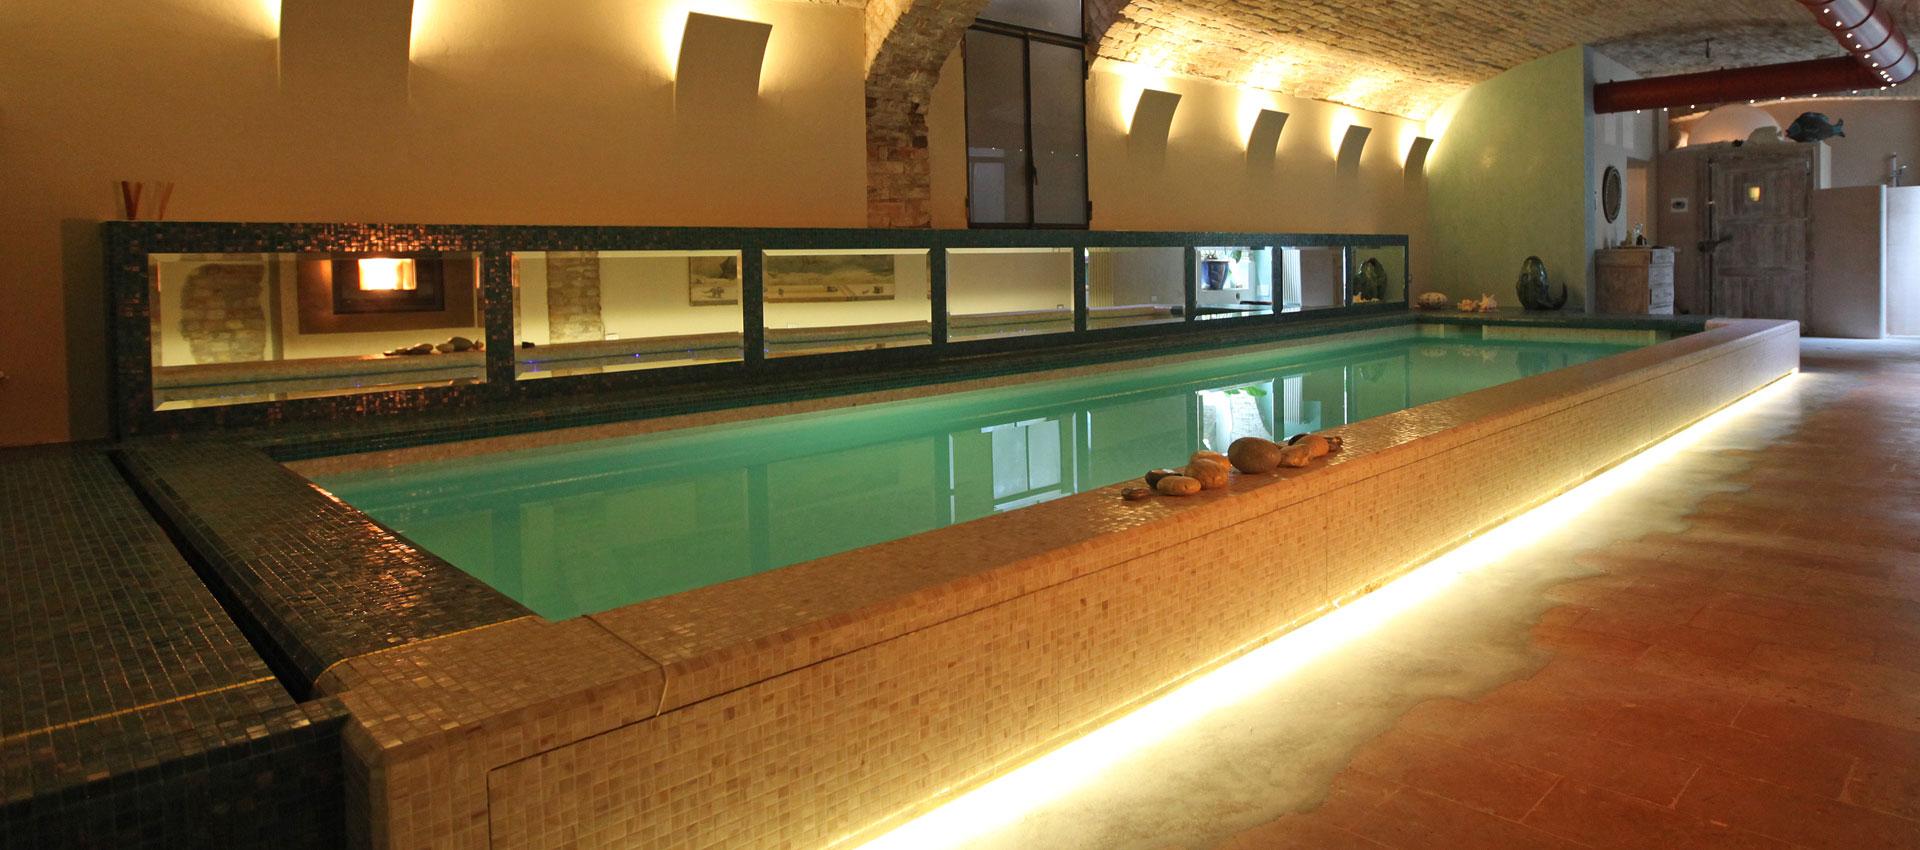 Schema Elettrico Per Piscina : Riscaldamento per piscine piscine castiglione